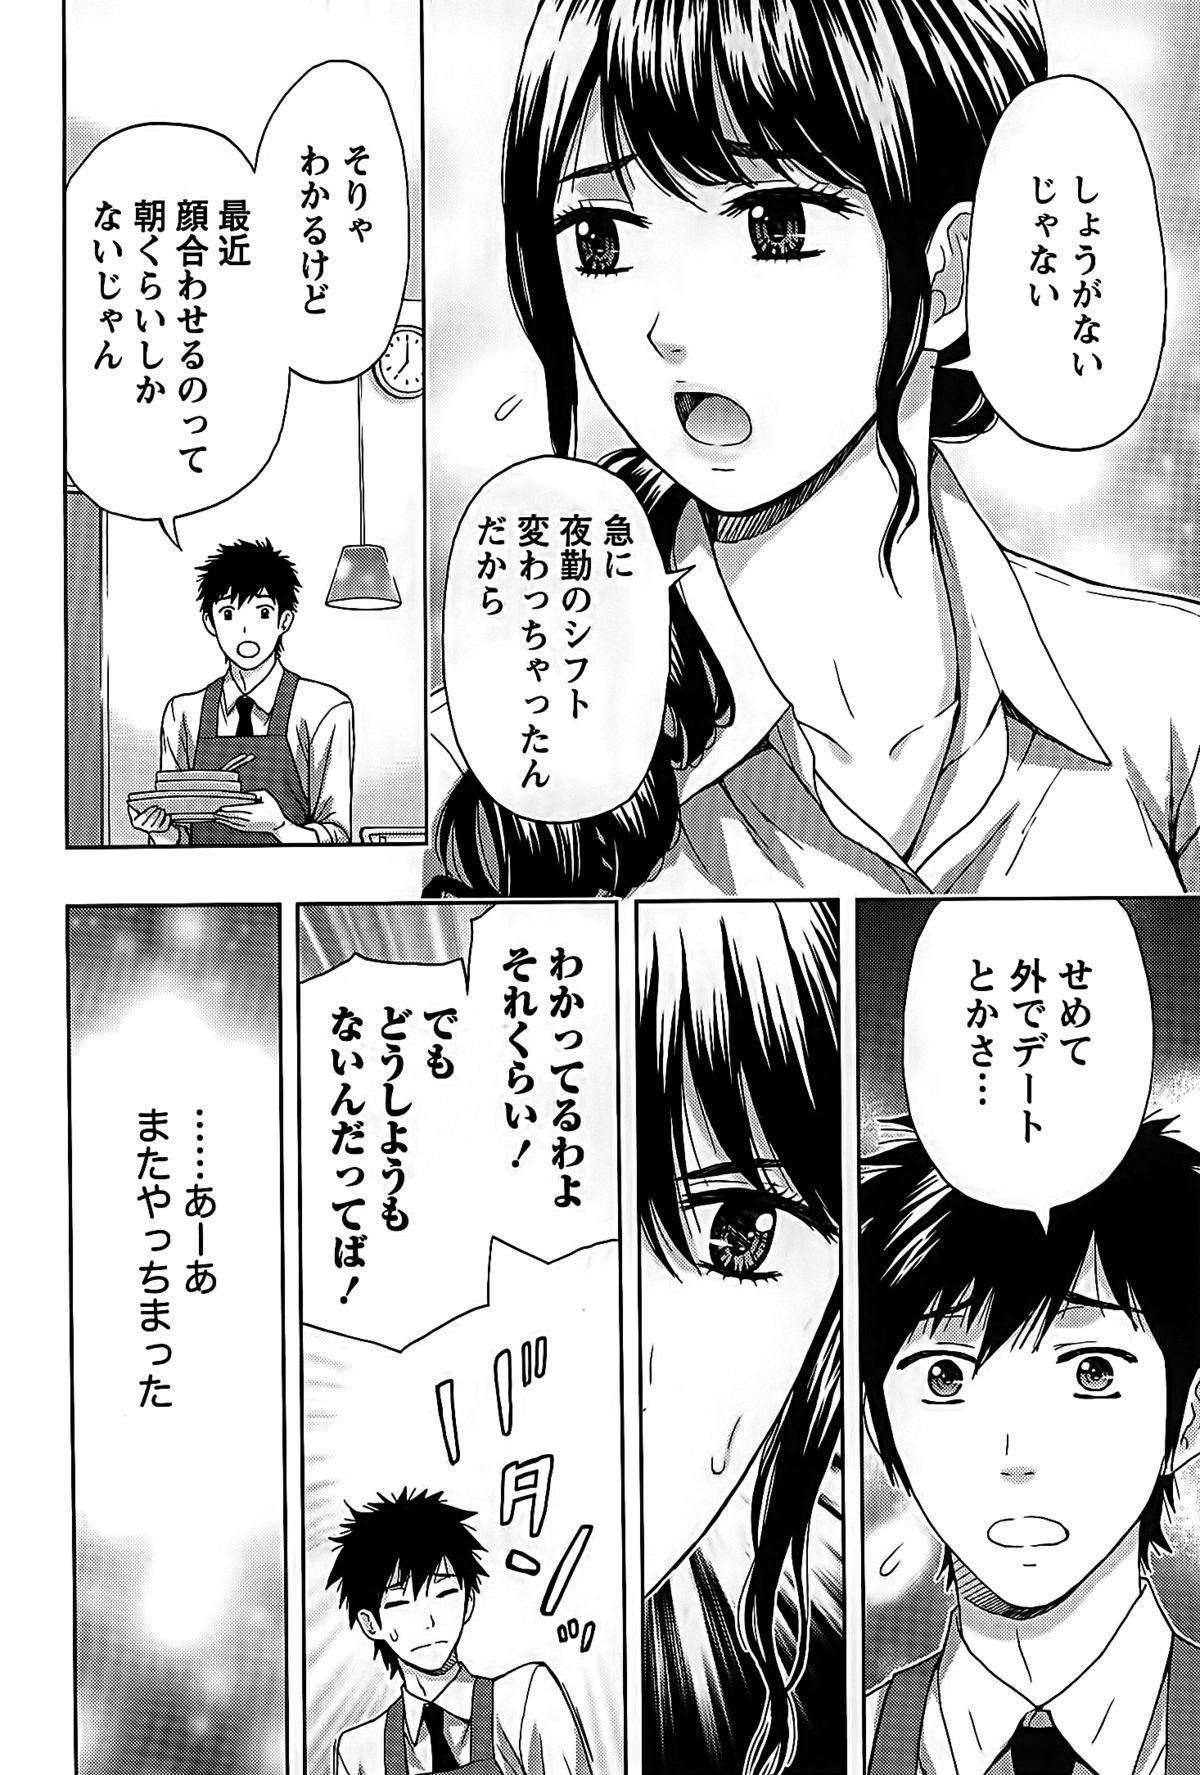 Shittori Lady to Amai Mitsu 67